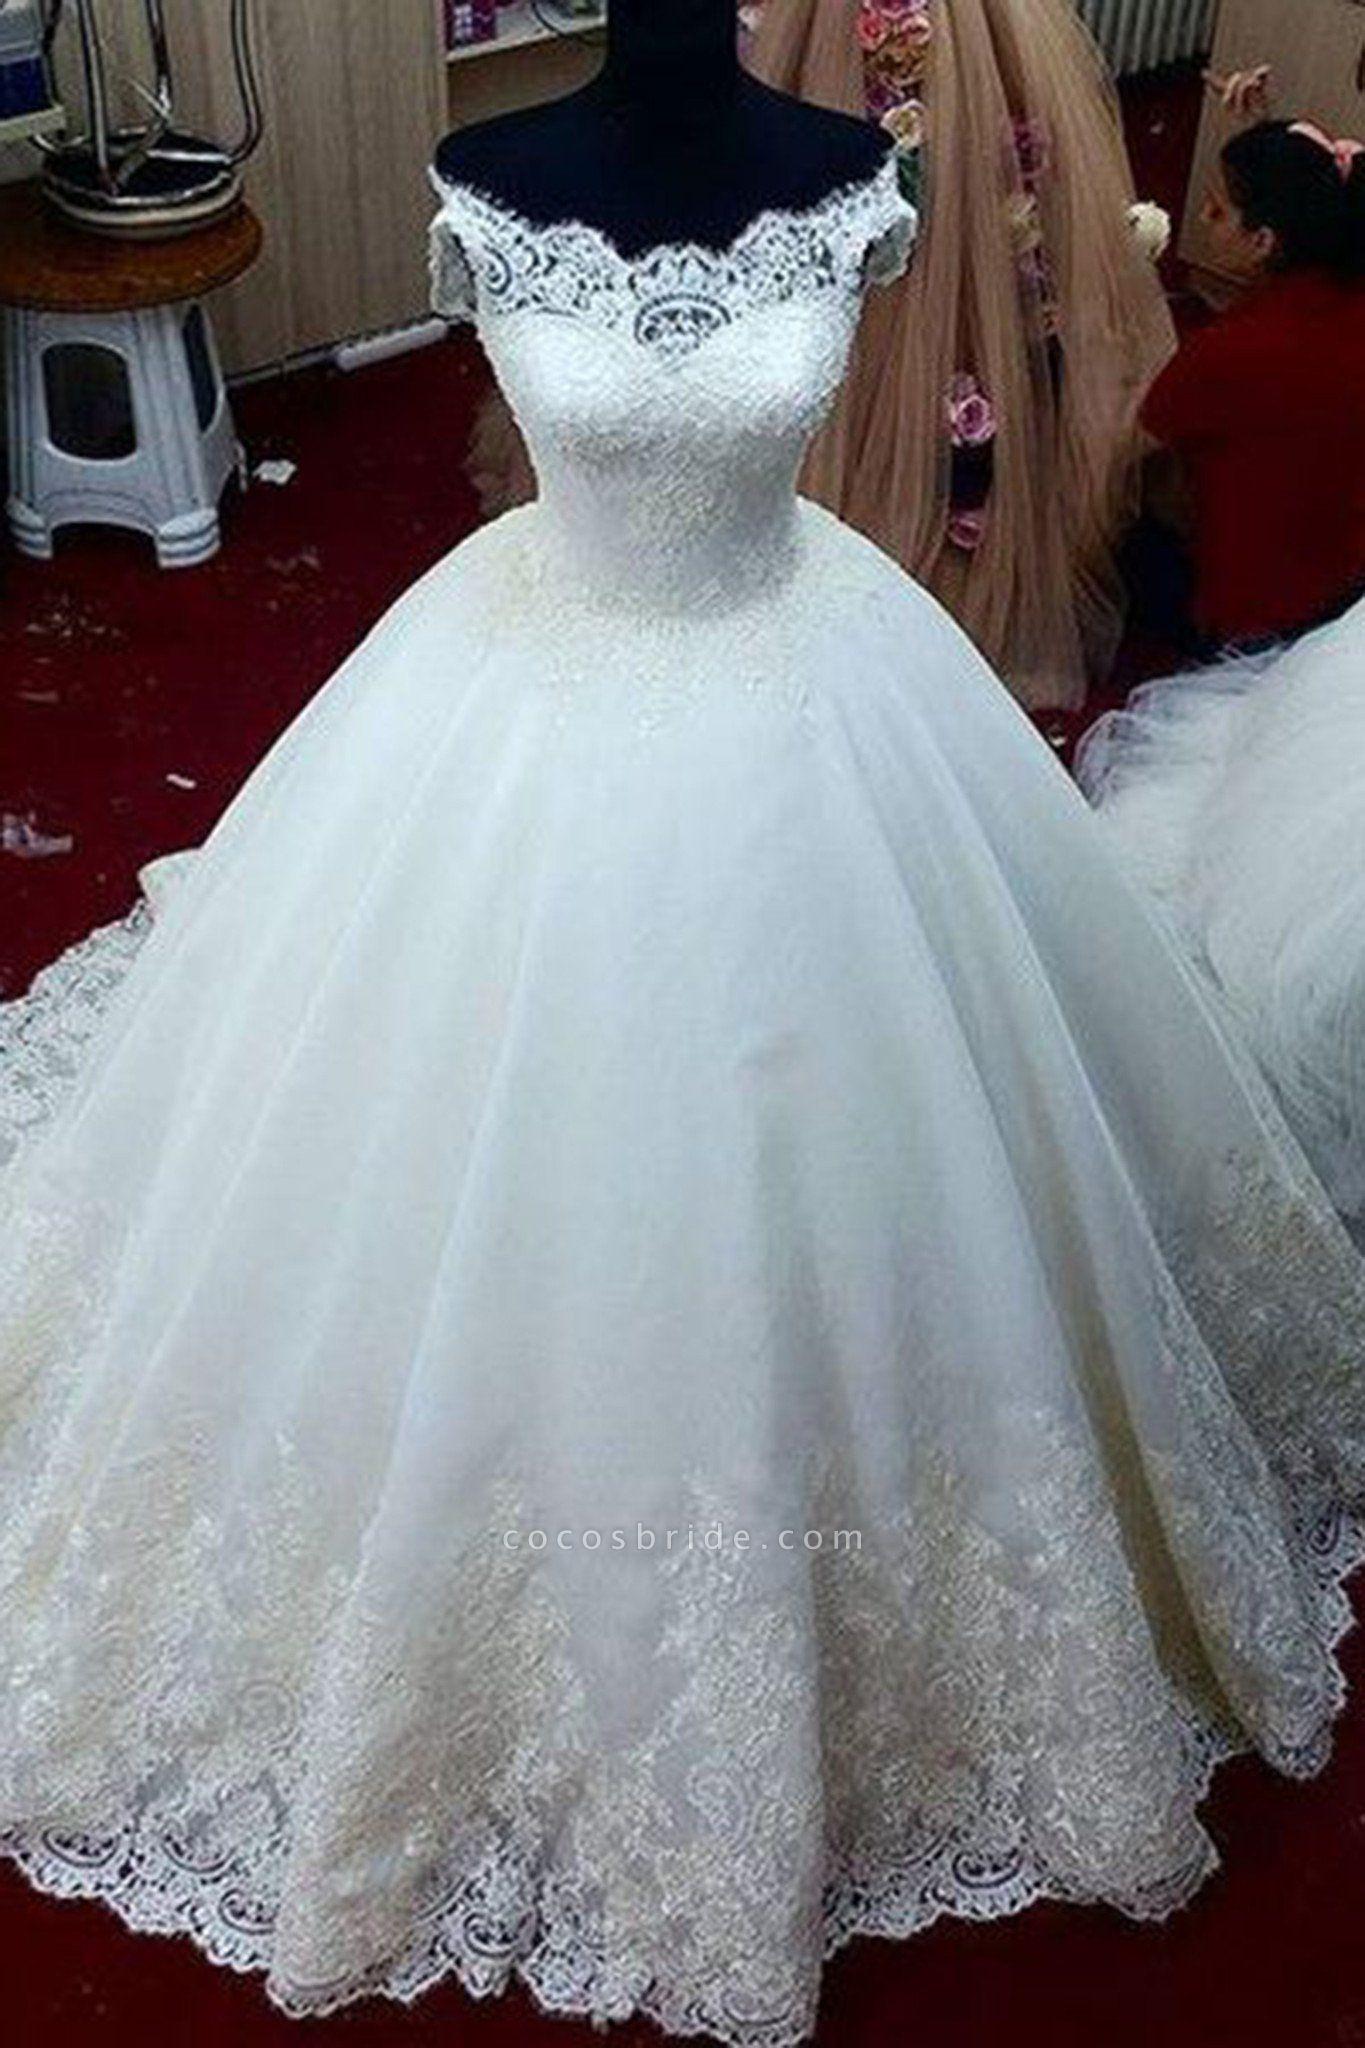 Lace Applique Off-Shoulder A-Line Ball Gown Wedding Dresses